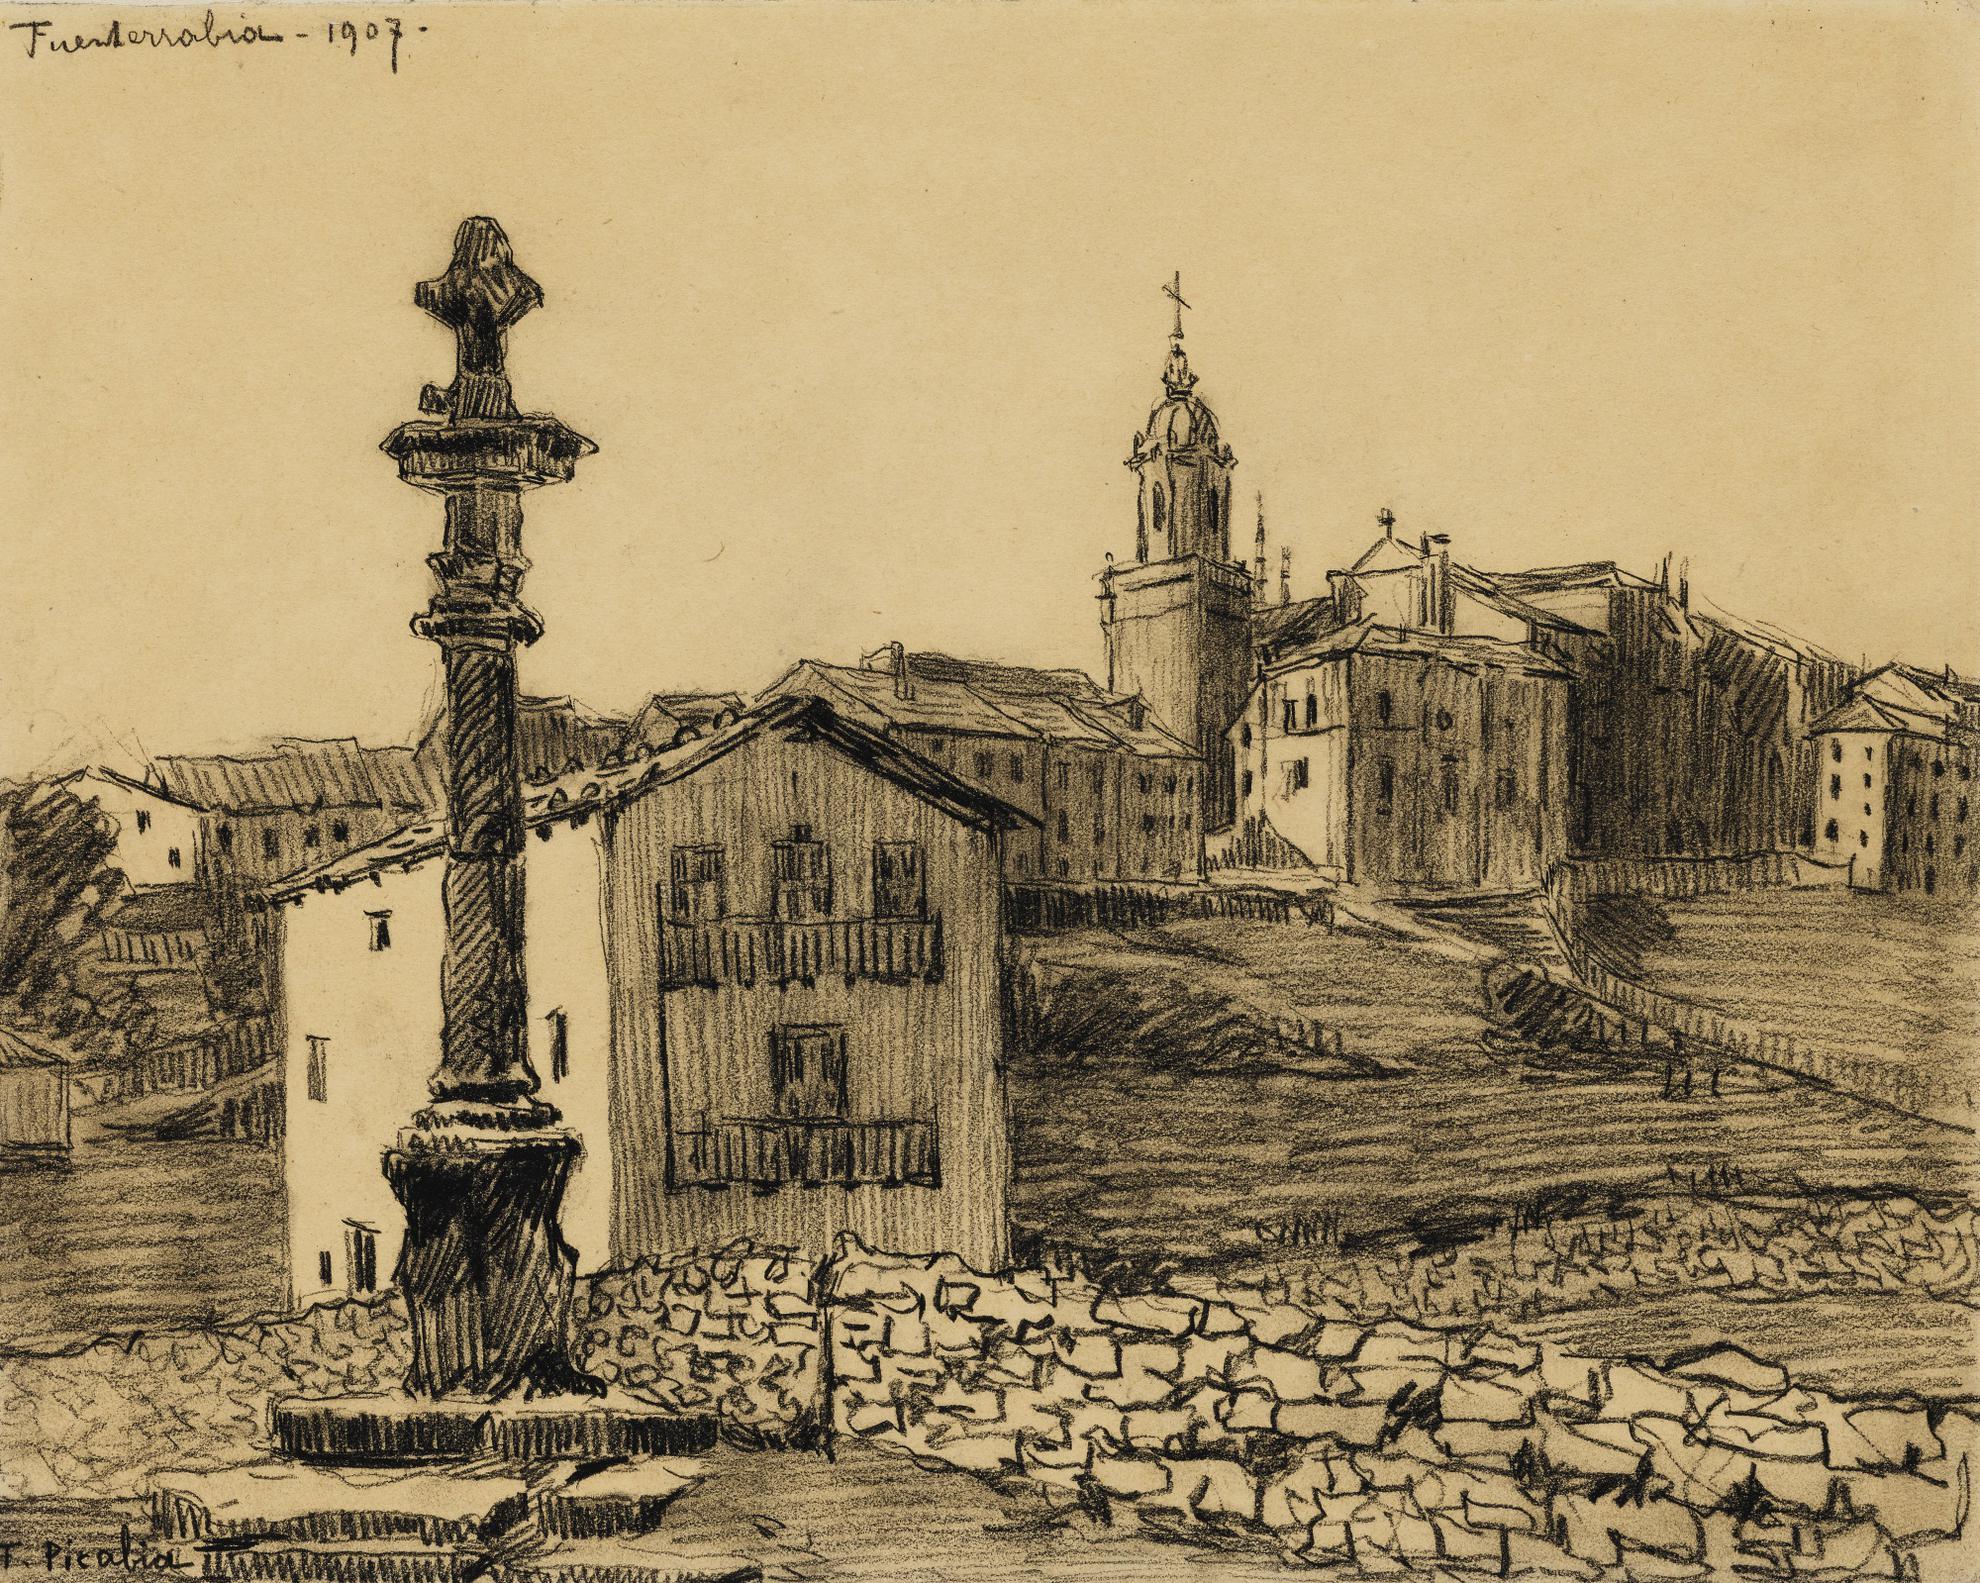 Francis Picabia-Fuenterrabia-1907